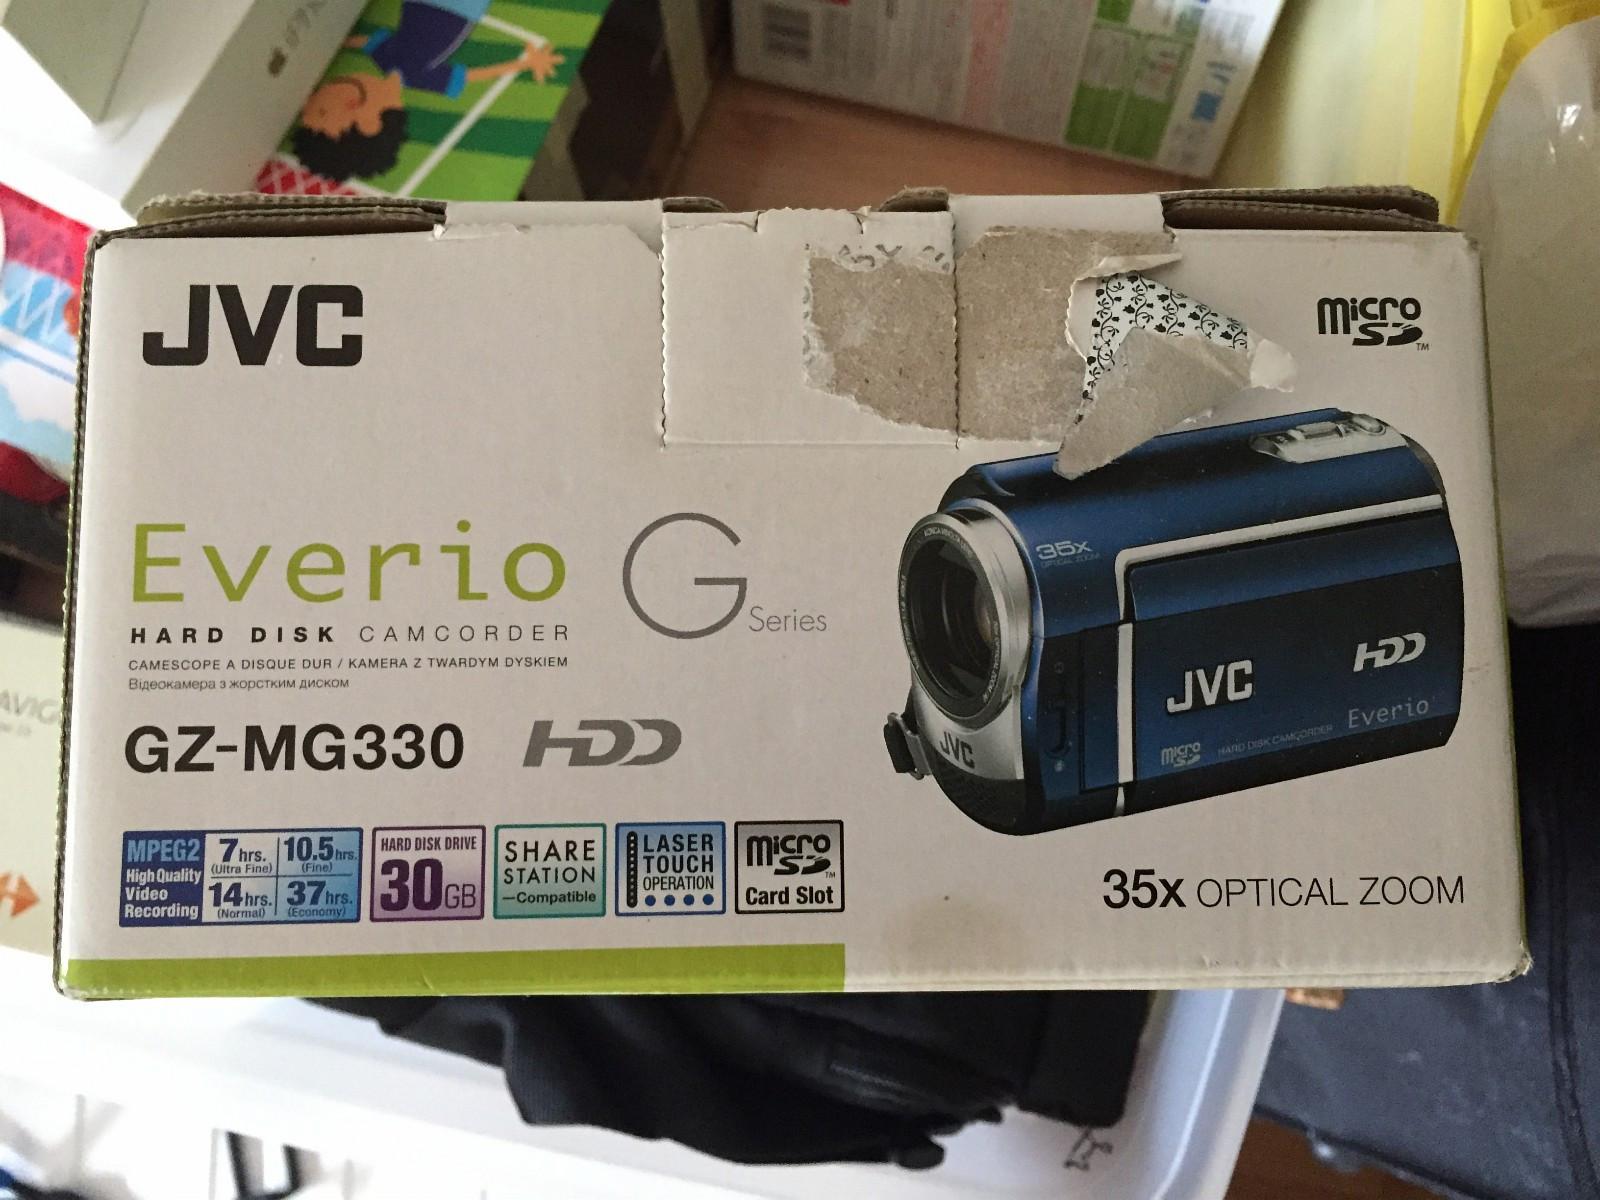 JVC Videokamera som ny - Drammen  - JVC Video Kamera som ny  max använd 2ggr  den är liten och smidigt :) 30gb hårddisk HD 35 optiskt zoom  mer info klicka denna länken http://support.jvc.com/consumer/product.jsp?mo - Drammen